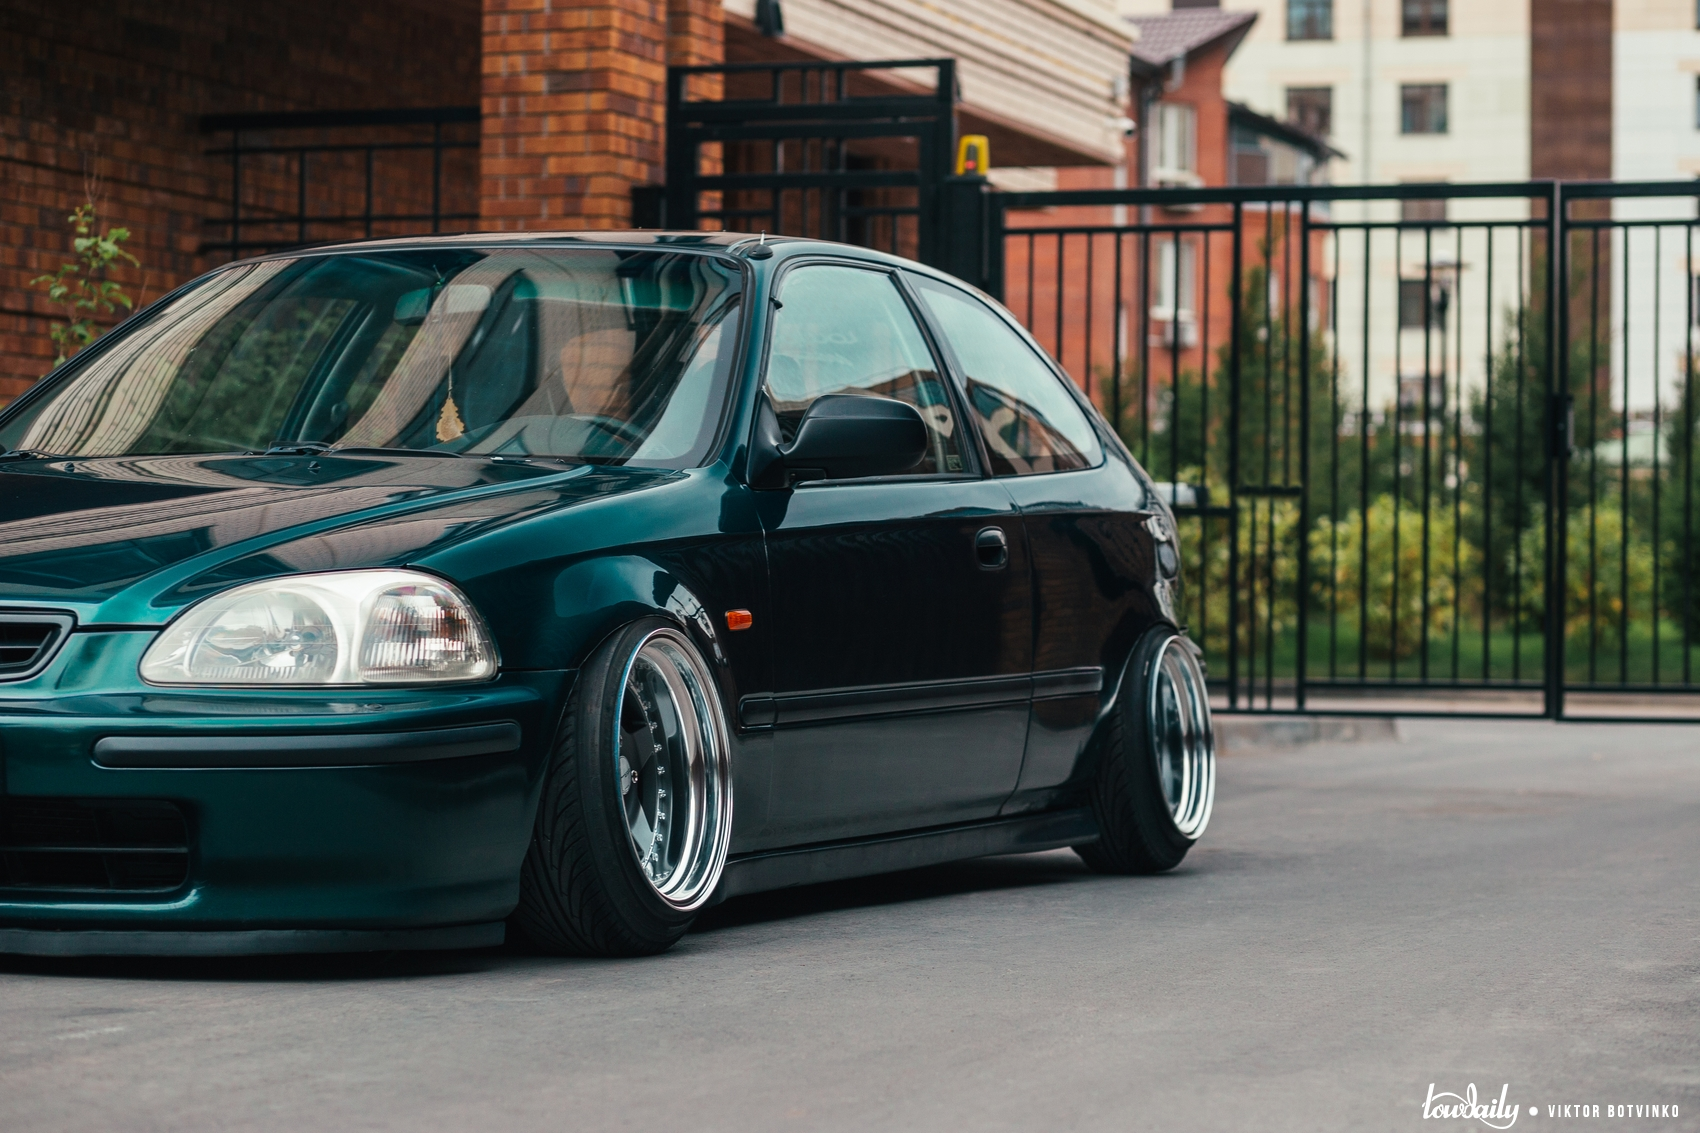 009 Honda Civic